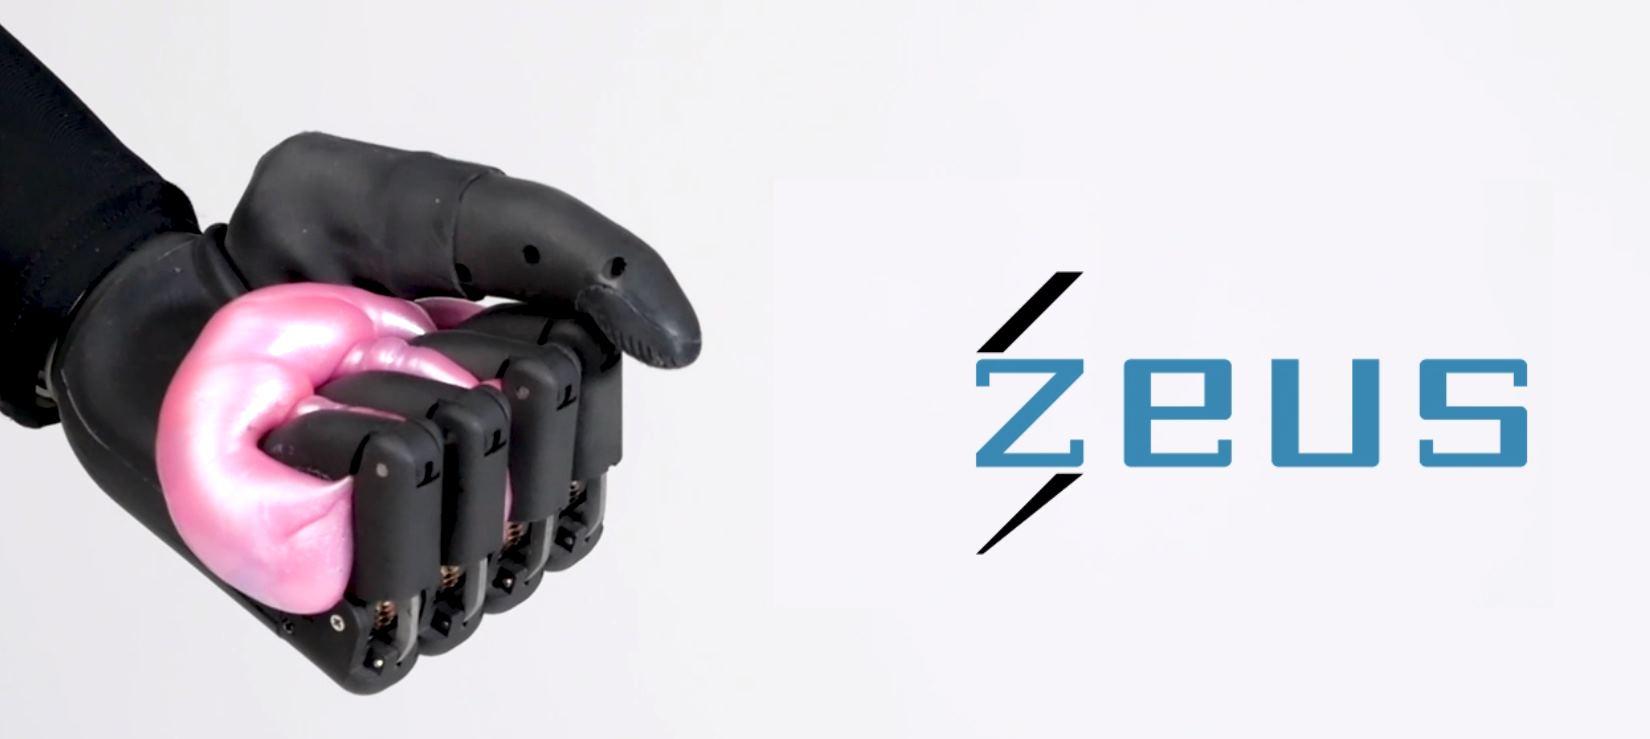 Zeus, la prótesis más avanzada diseñada hasta ahora